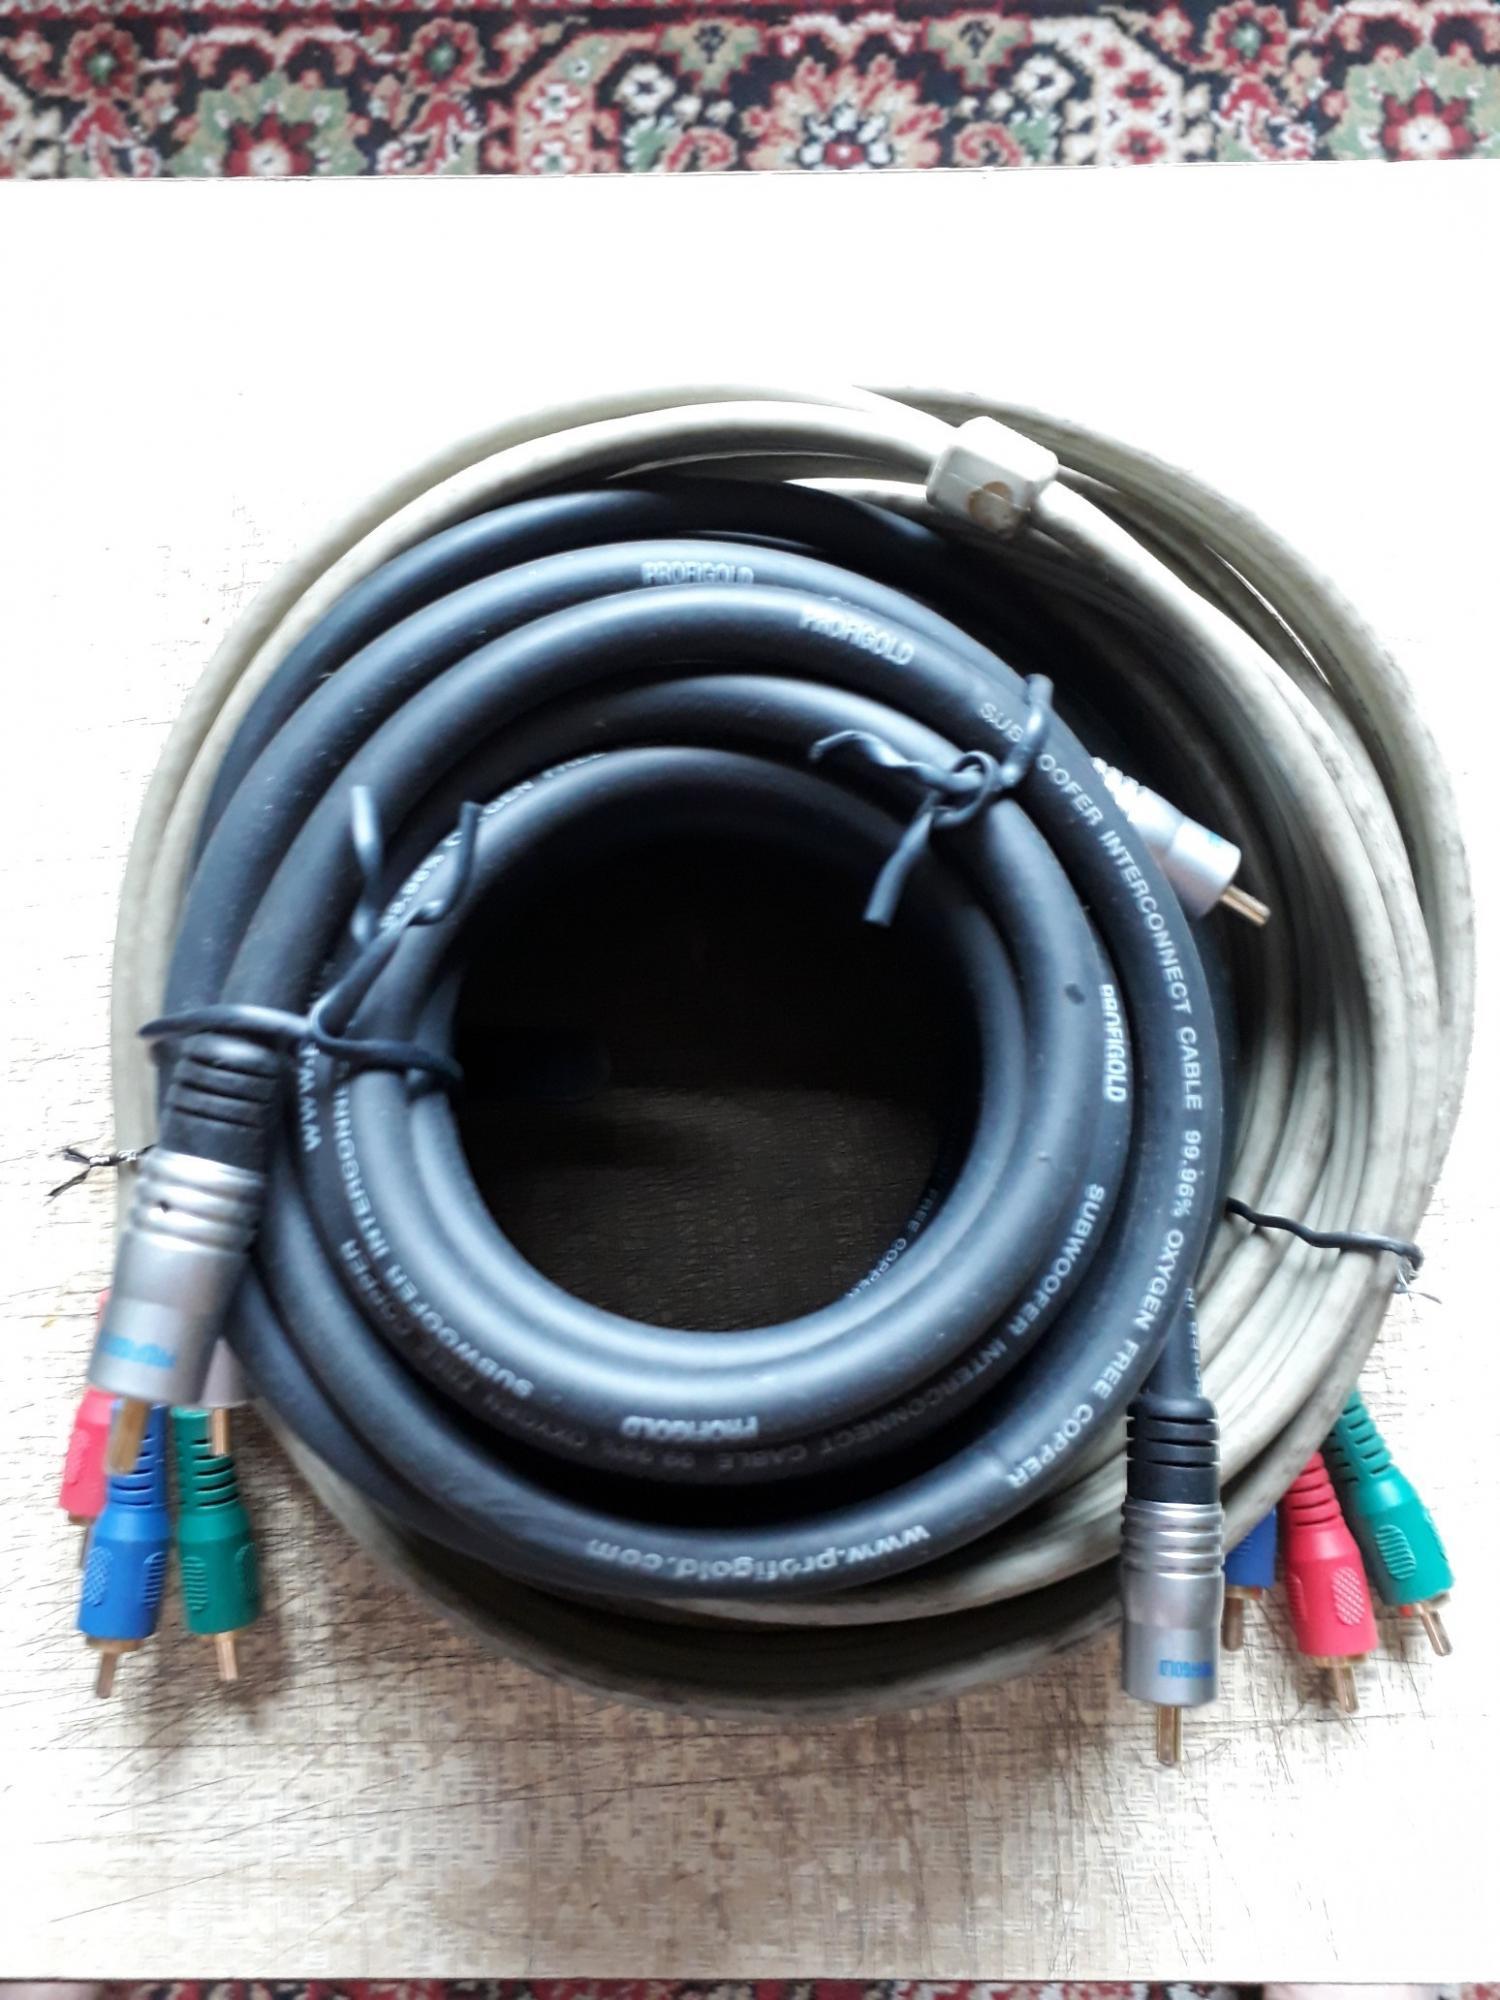 профиголд.аудио-видео кабель в Хабаровске 89622243733 купить 1